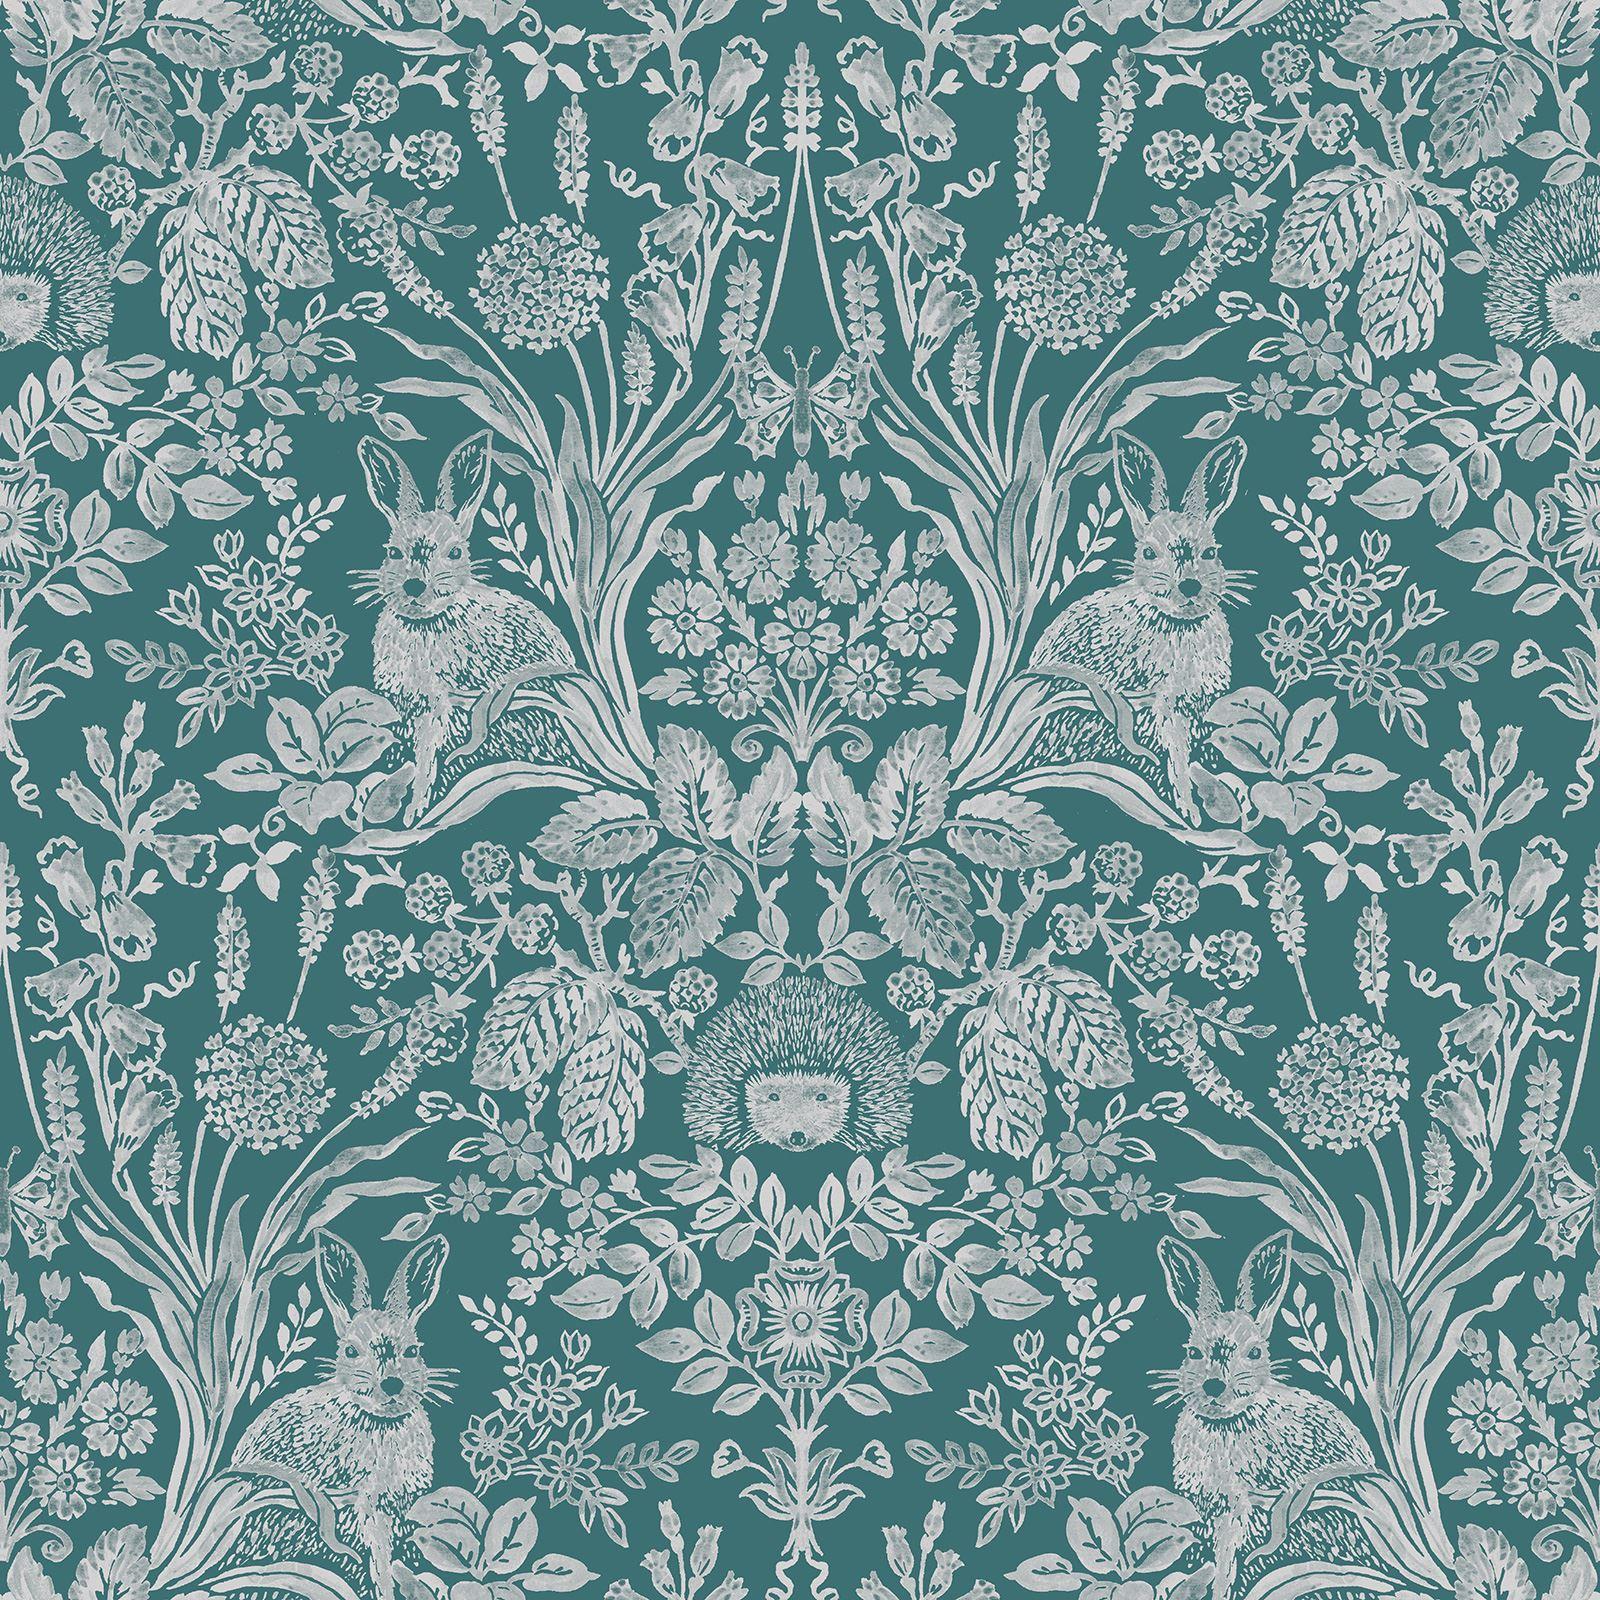 Dark Green Harlen Woodland Wallpaper By Holden 90805 Wildflowers